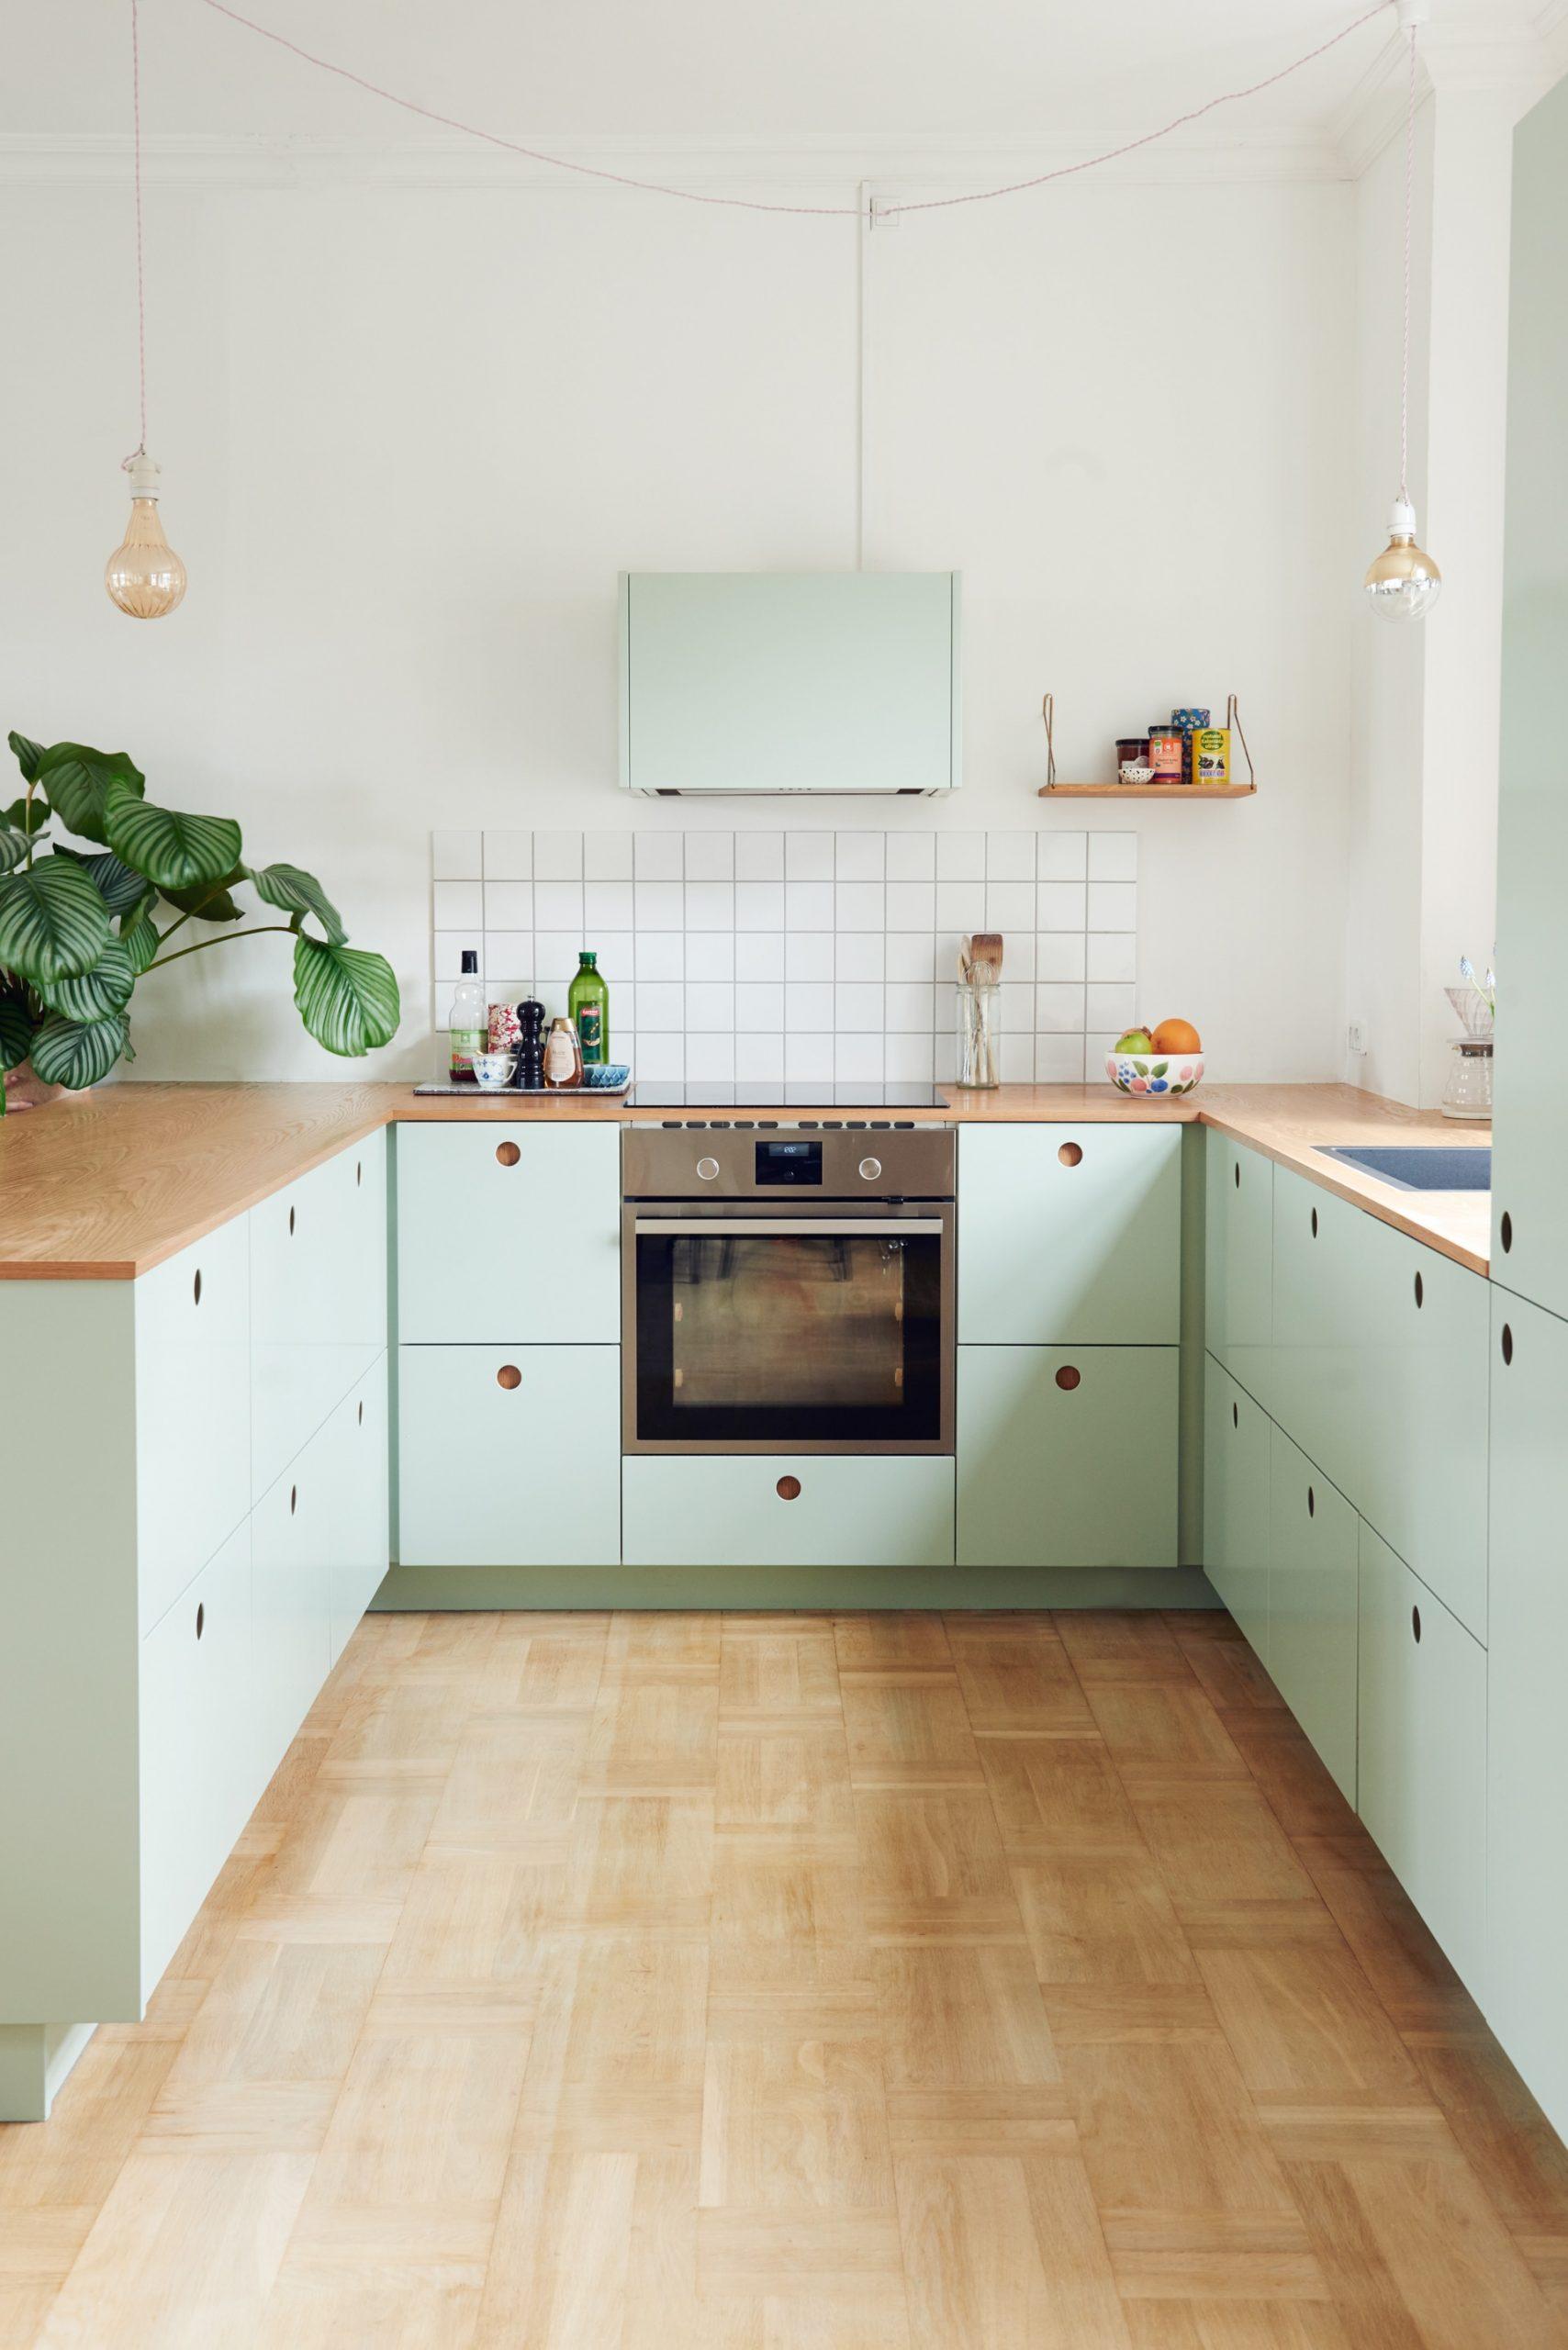 Full Size of Küche Grün Matt Mintgrüne Küche Welche Wandfarbe Küche Grün Alt Küche Fliesenspiegel Grün Küche Küche Mintgrün